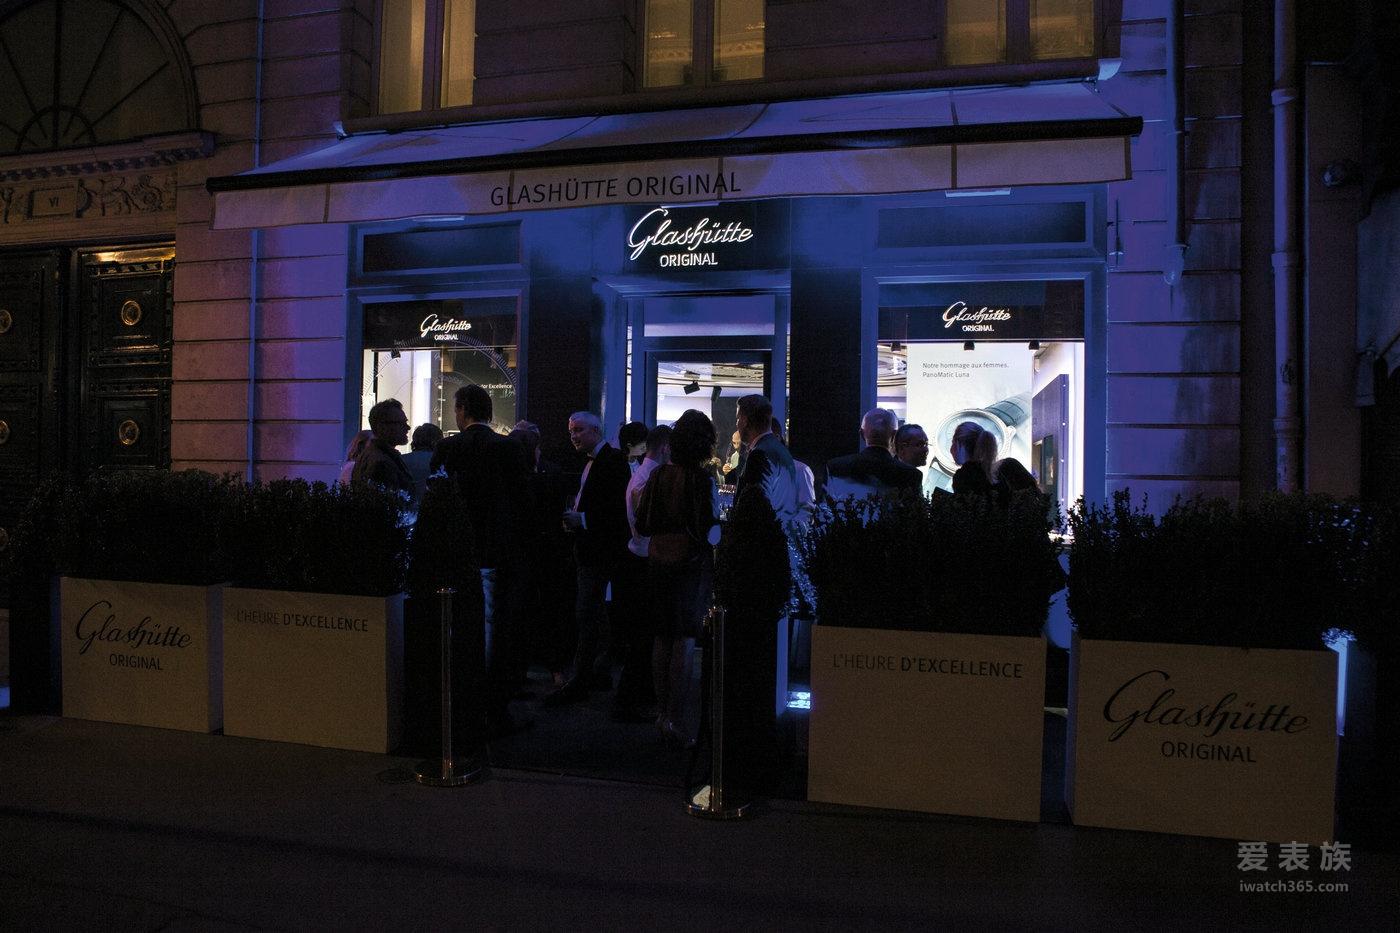 格拉苏蒂原创巴黎精品店盛大开幕 议员卓越系列两款新品首秀